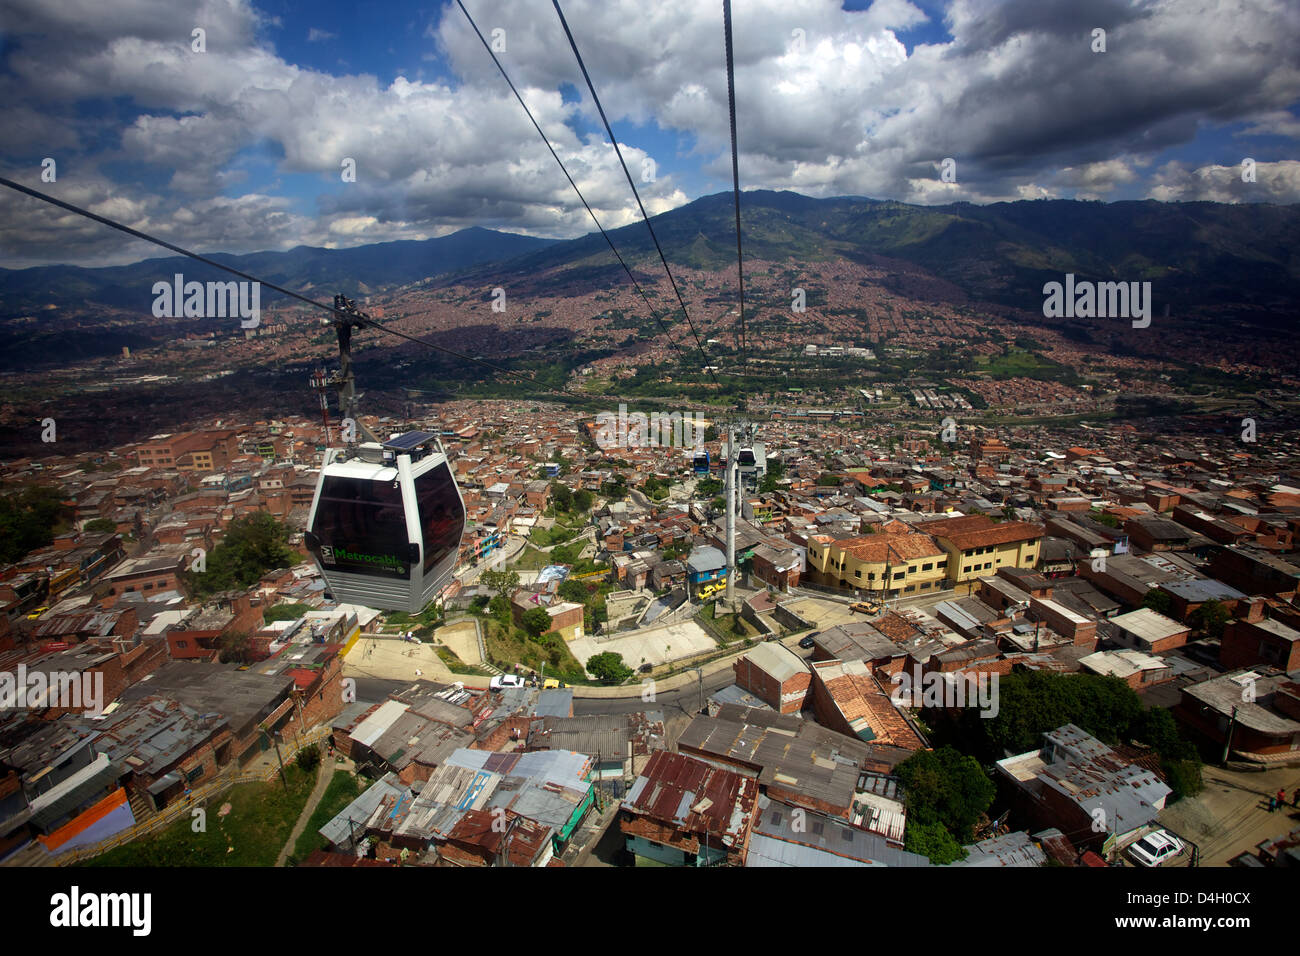 Vue sur les barrios Pobre de Medellin, où Pablo Escobar avait beaucoup de partisans, la Colombie, l'Amérique Photo Stock